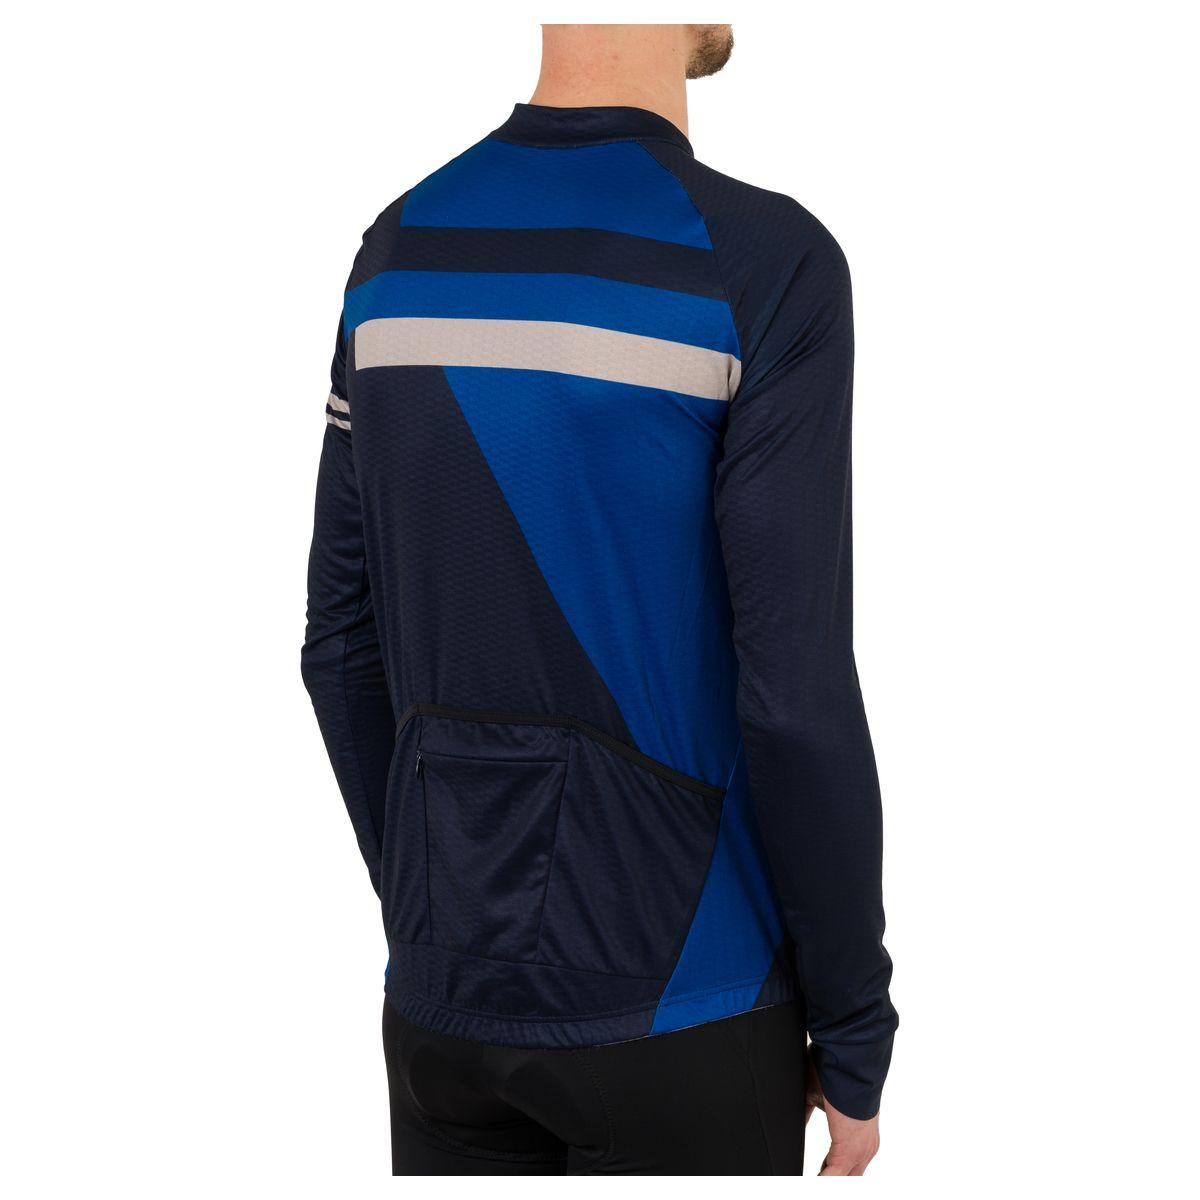 Inception Fietsshirt Lange Mouwen Essential Heren fit example